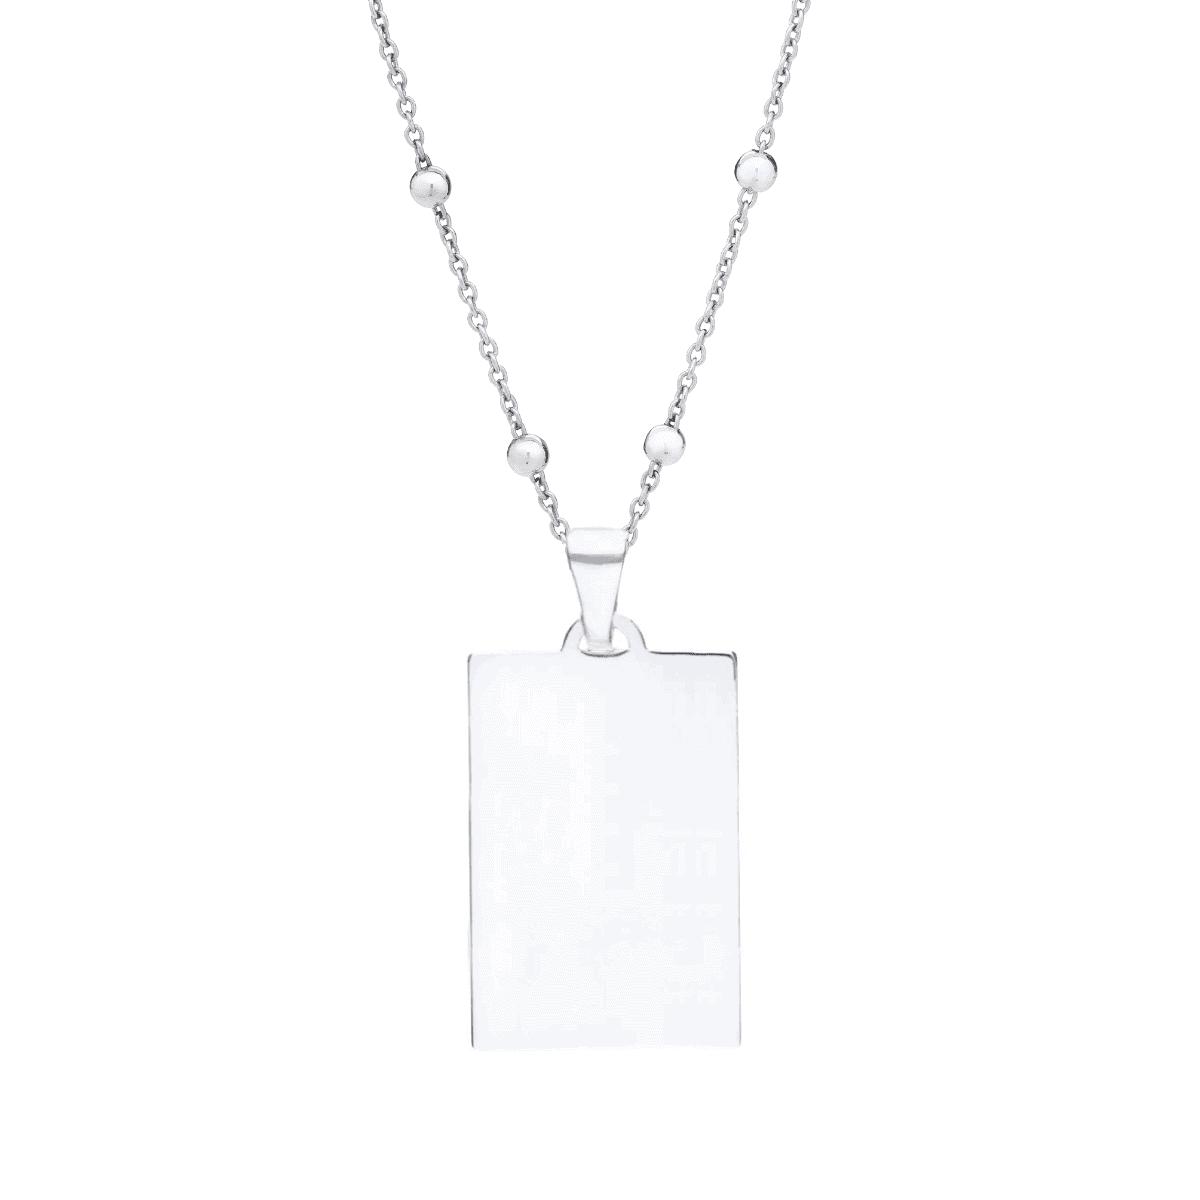 Srebrny naszyjnik blaszka z grawerem łańcuszek srebrne kulki